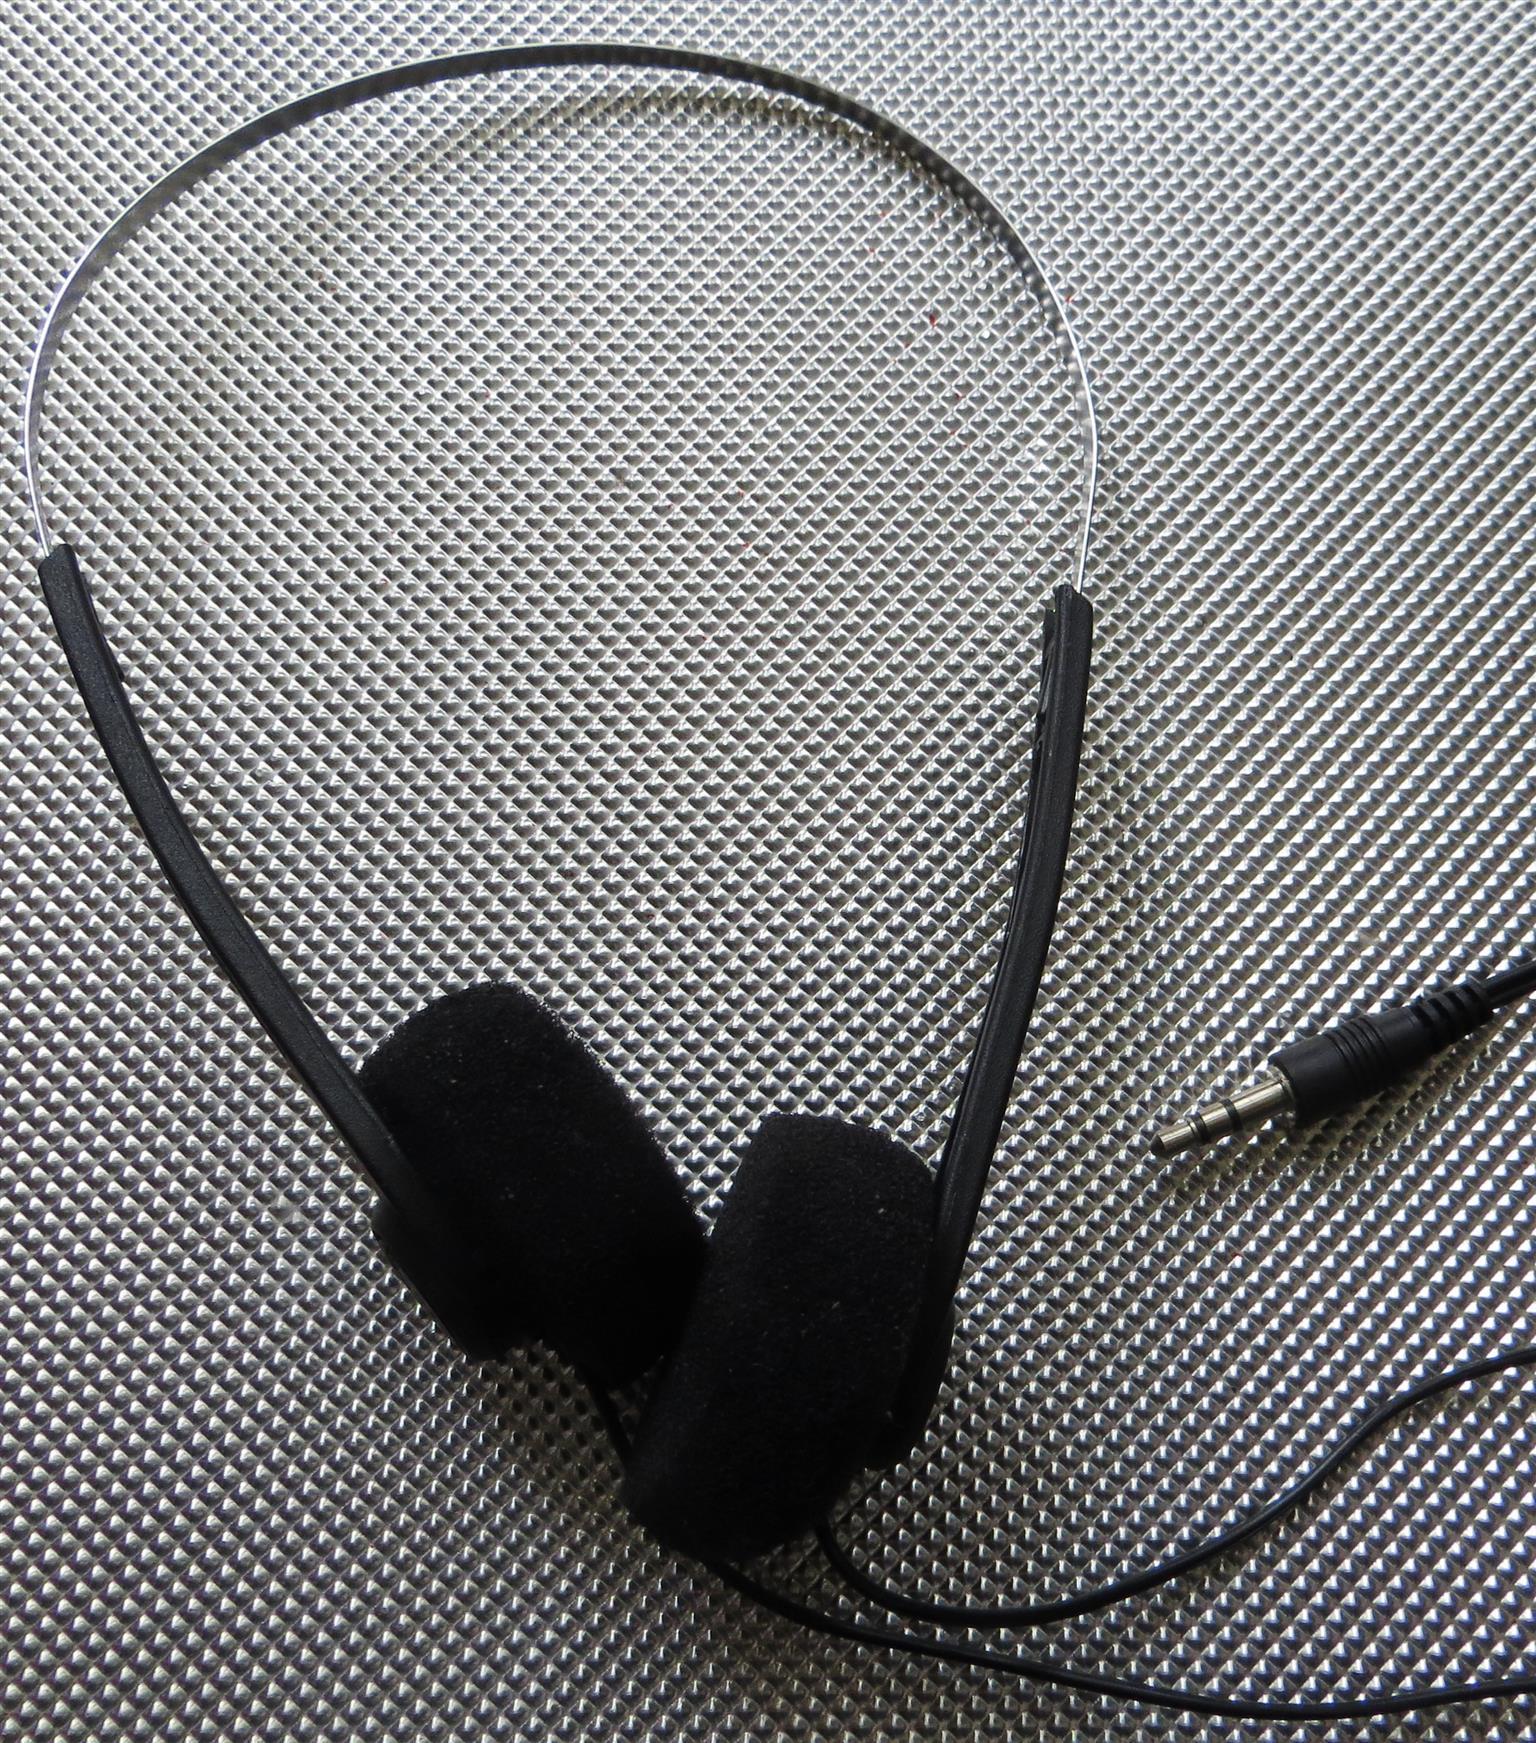 Digitech 3,5mm Stereo Over-Ear Headphones